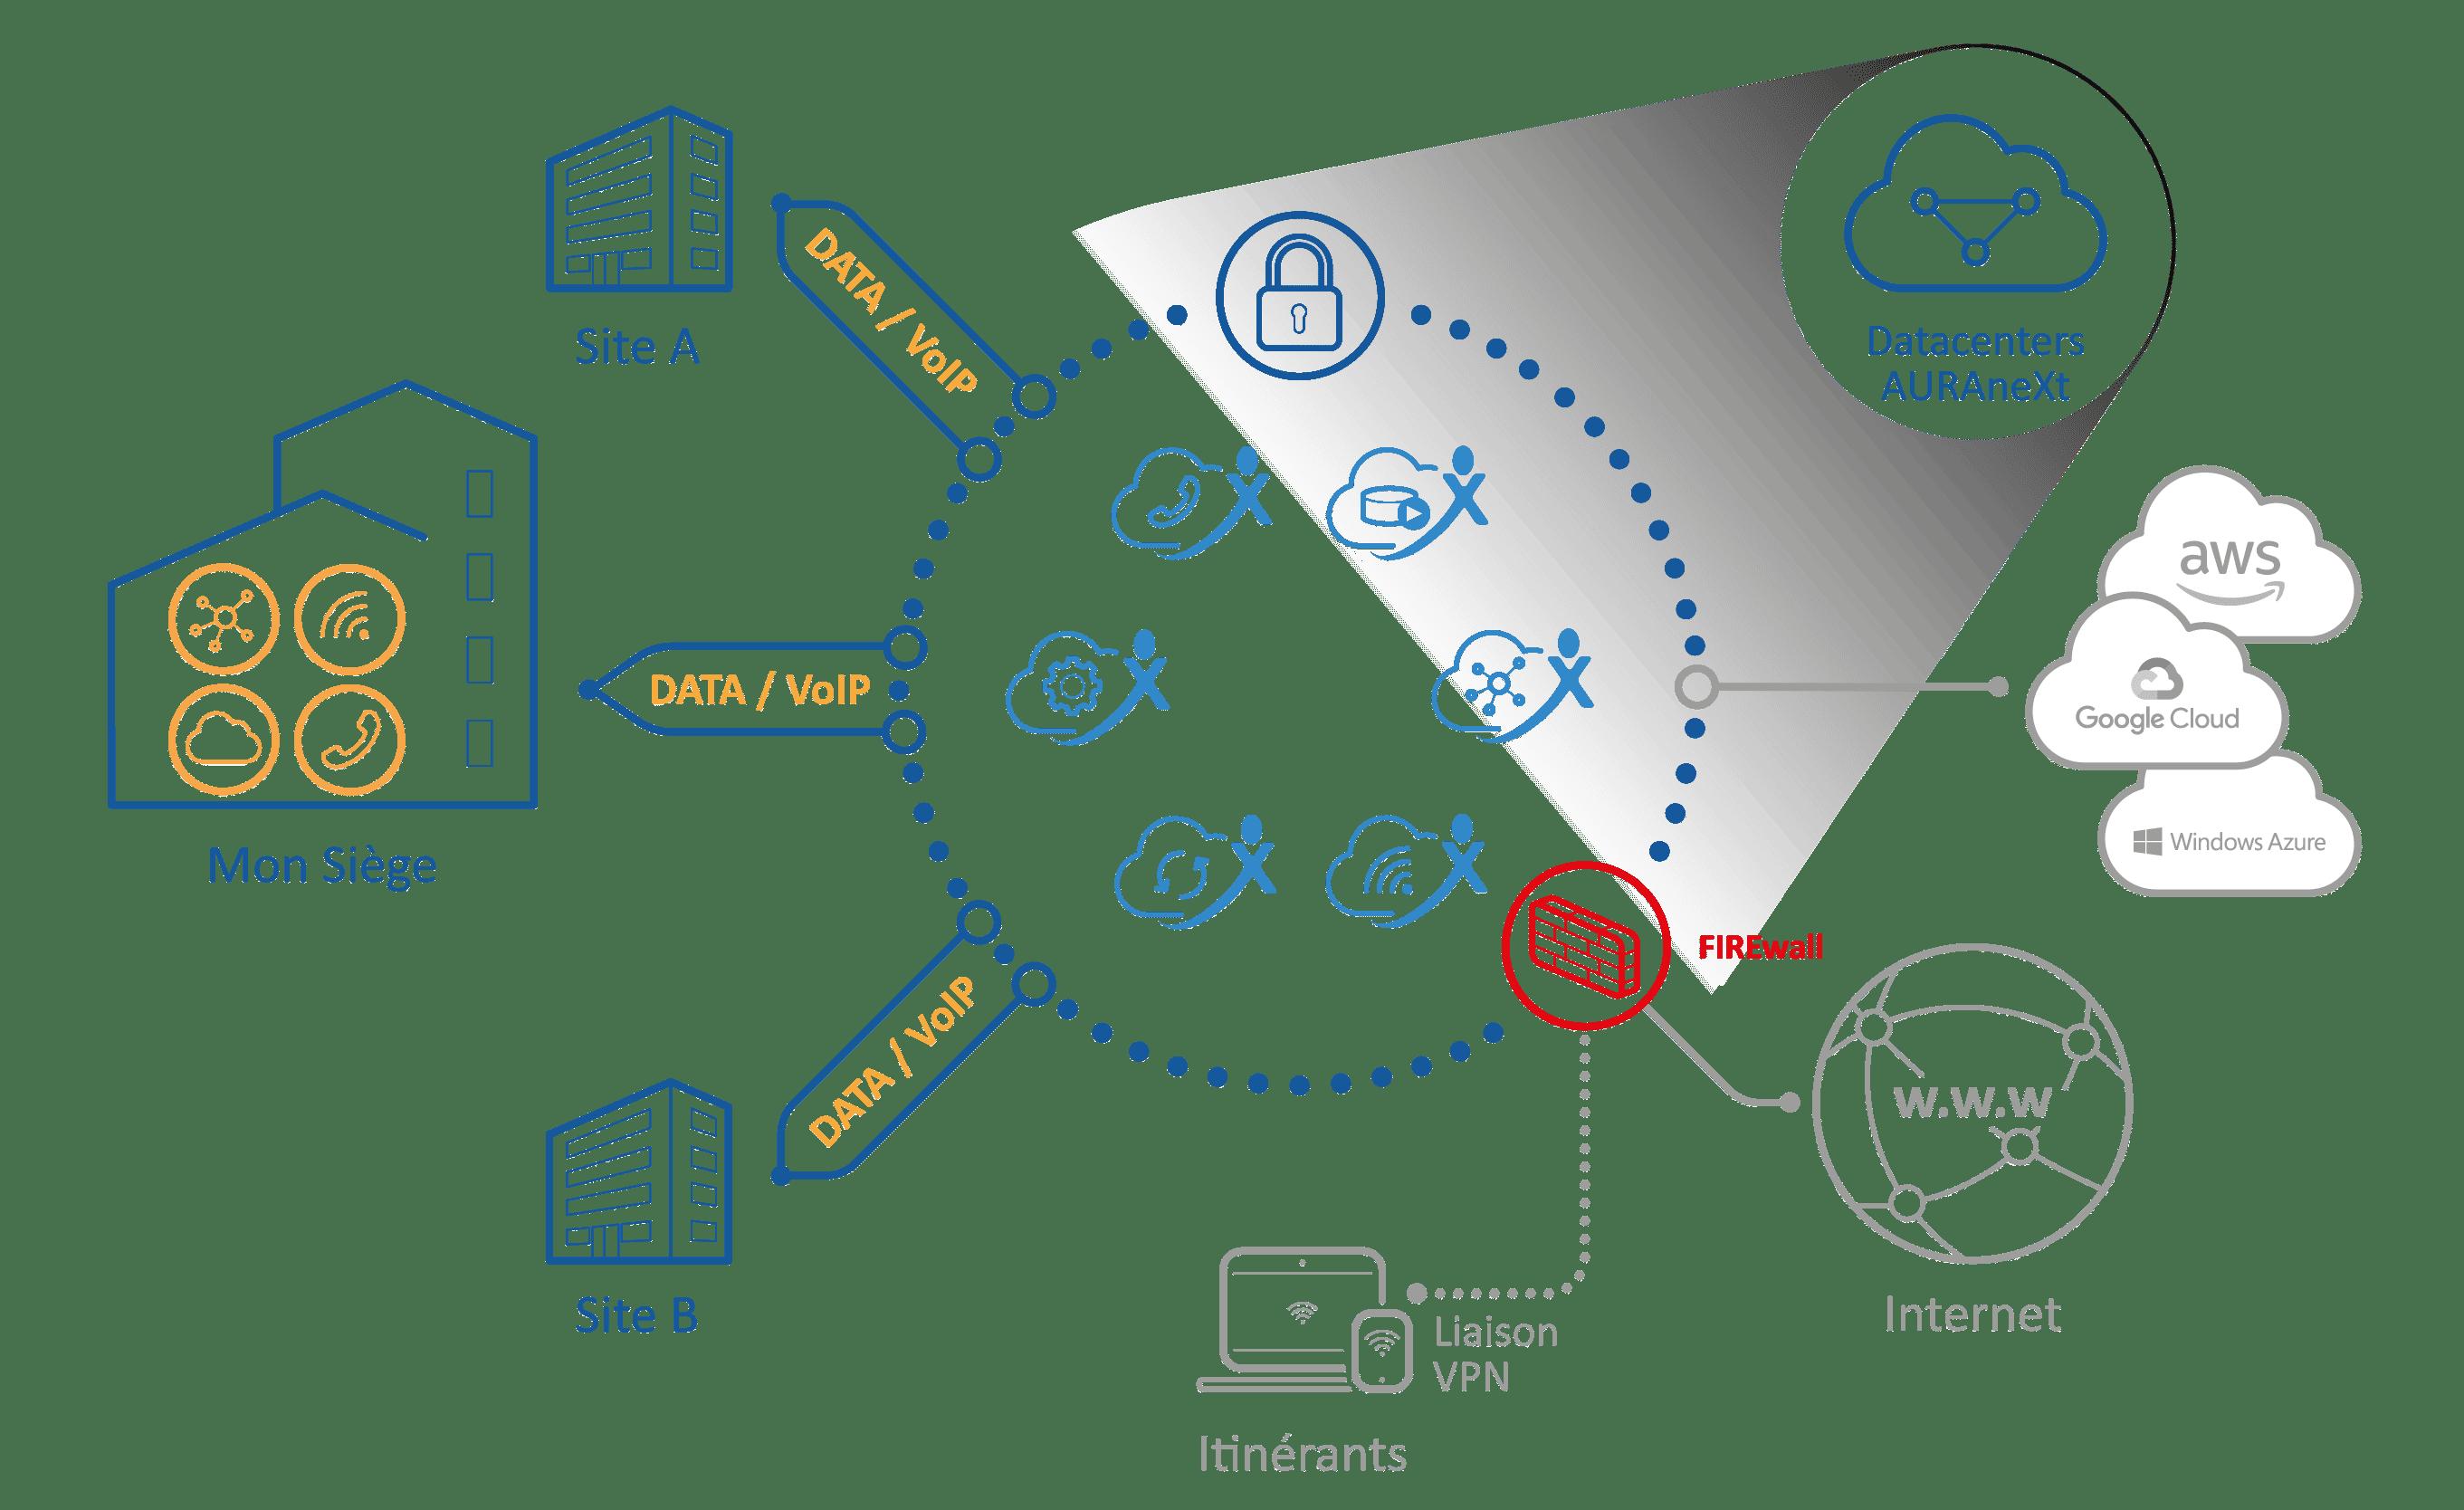 Infrastructure d'AURAneXt - Service et Offres